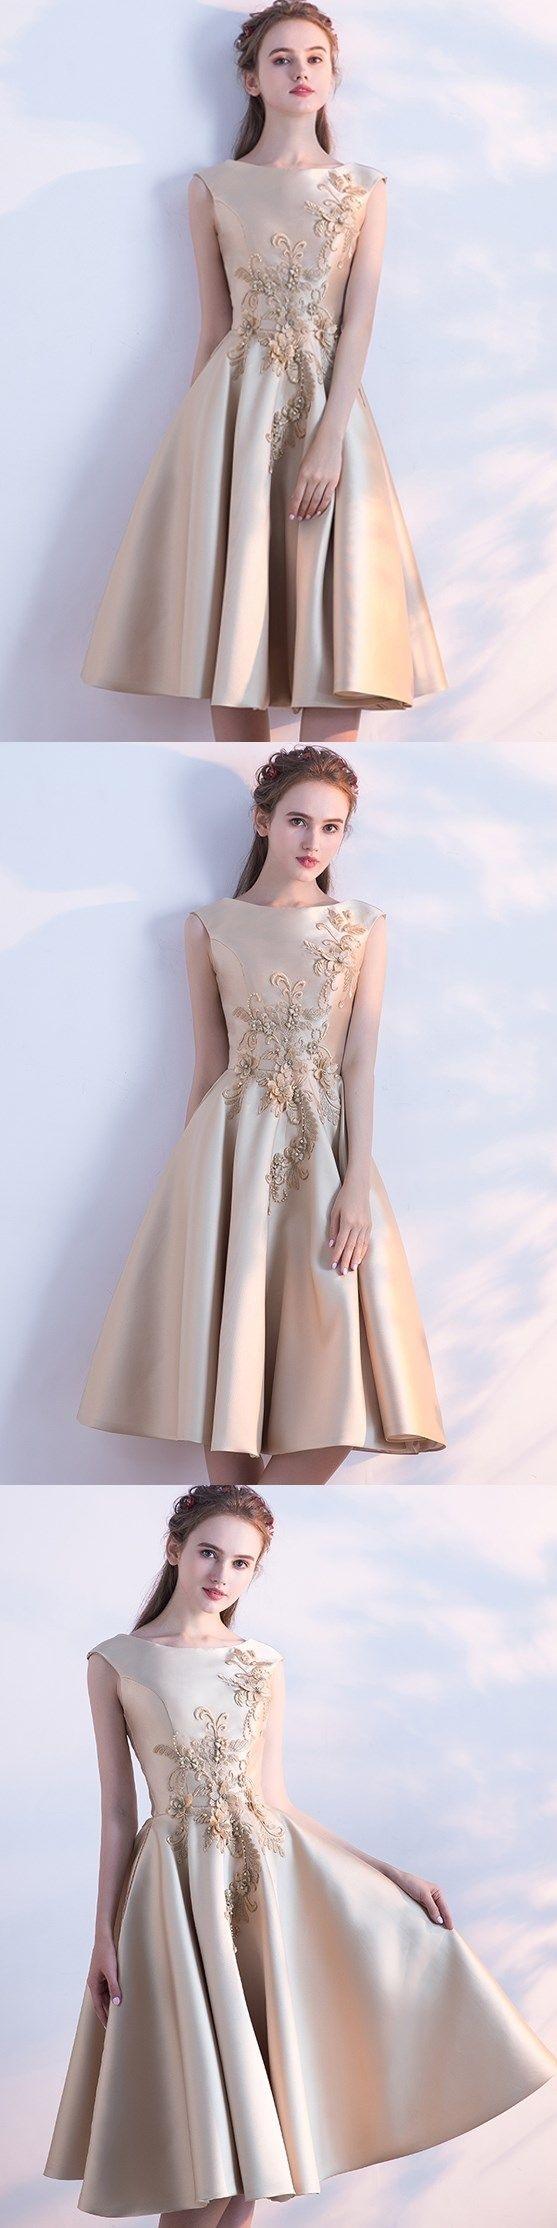 17 Wunderbar Kleider Für Schöne Anlässe für 201910 Schön Kleider Für Schöne Anlässe Stylish